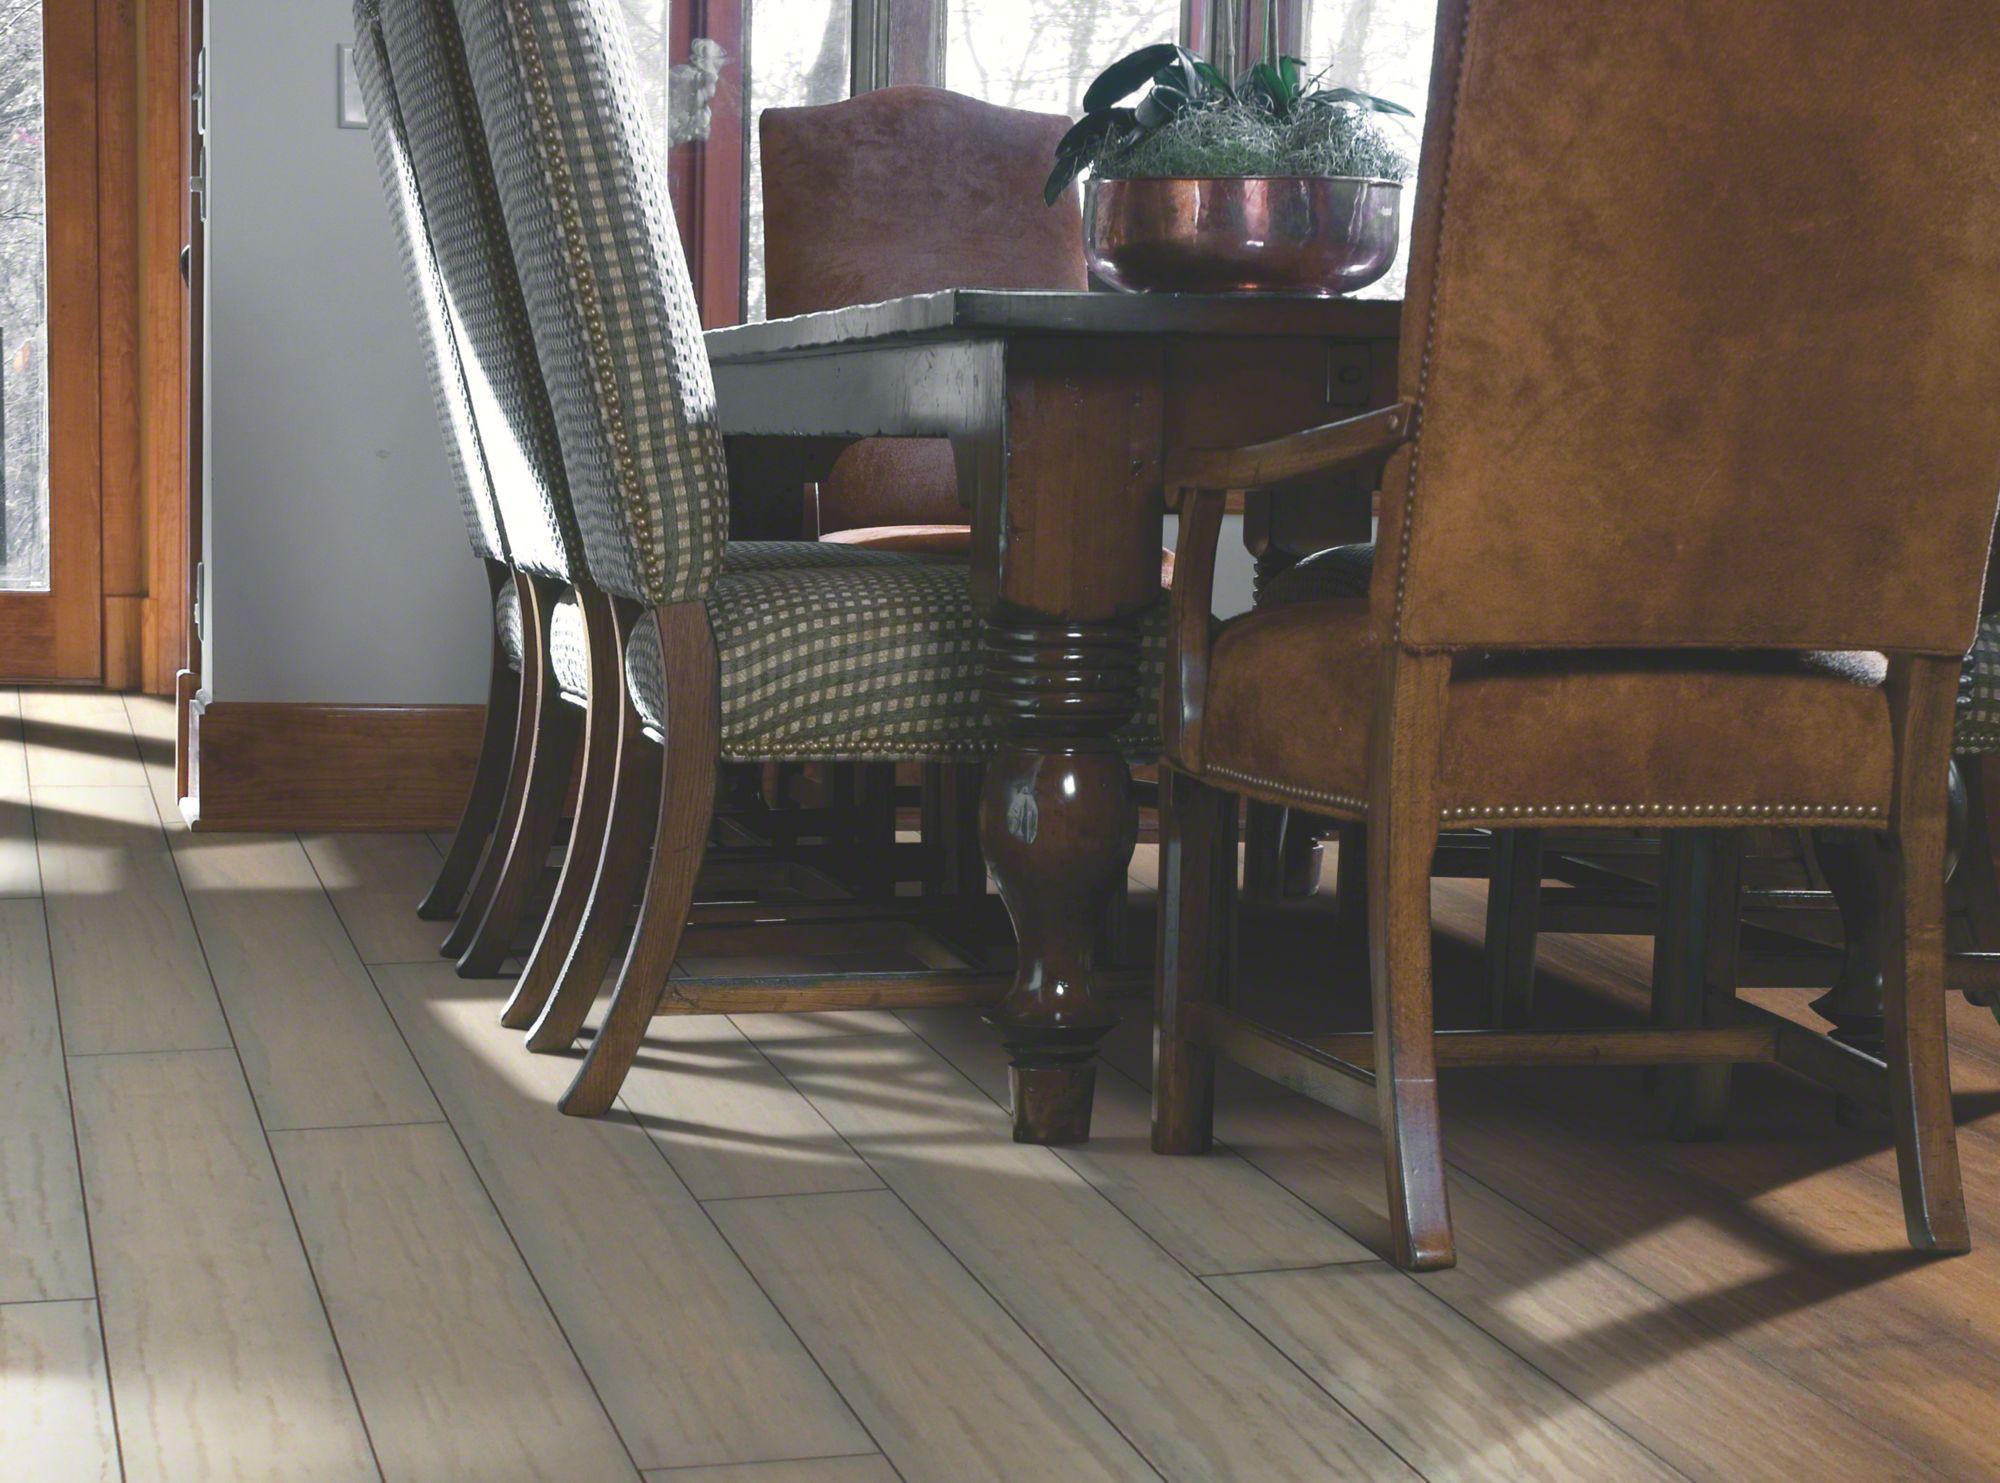 shaw bamboo hardwood flooring of shaw wood flooring vinyl flooring vinyl plank lvt floor plan ideas with regard to shaw wood flooring historic walnut room view flooring pinterest